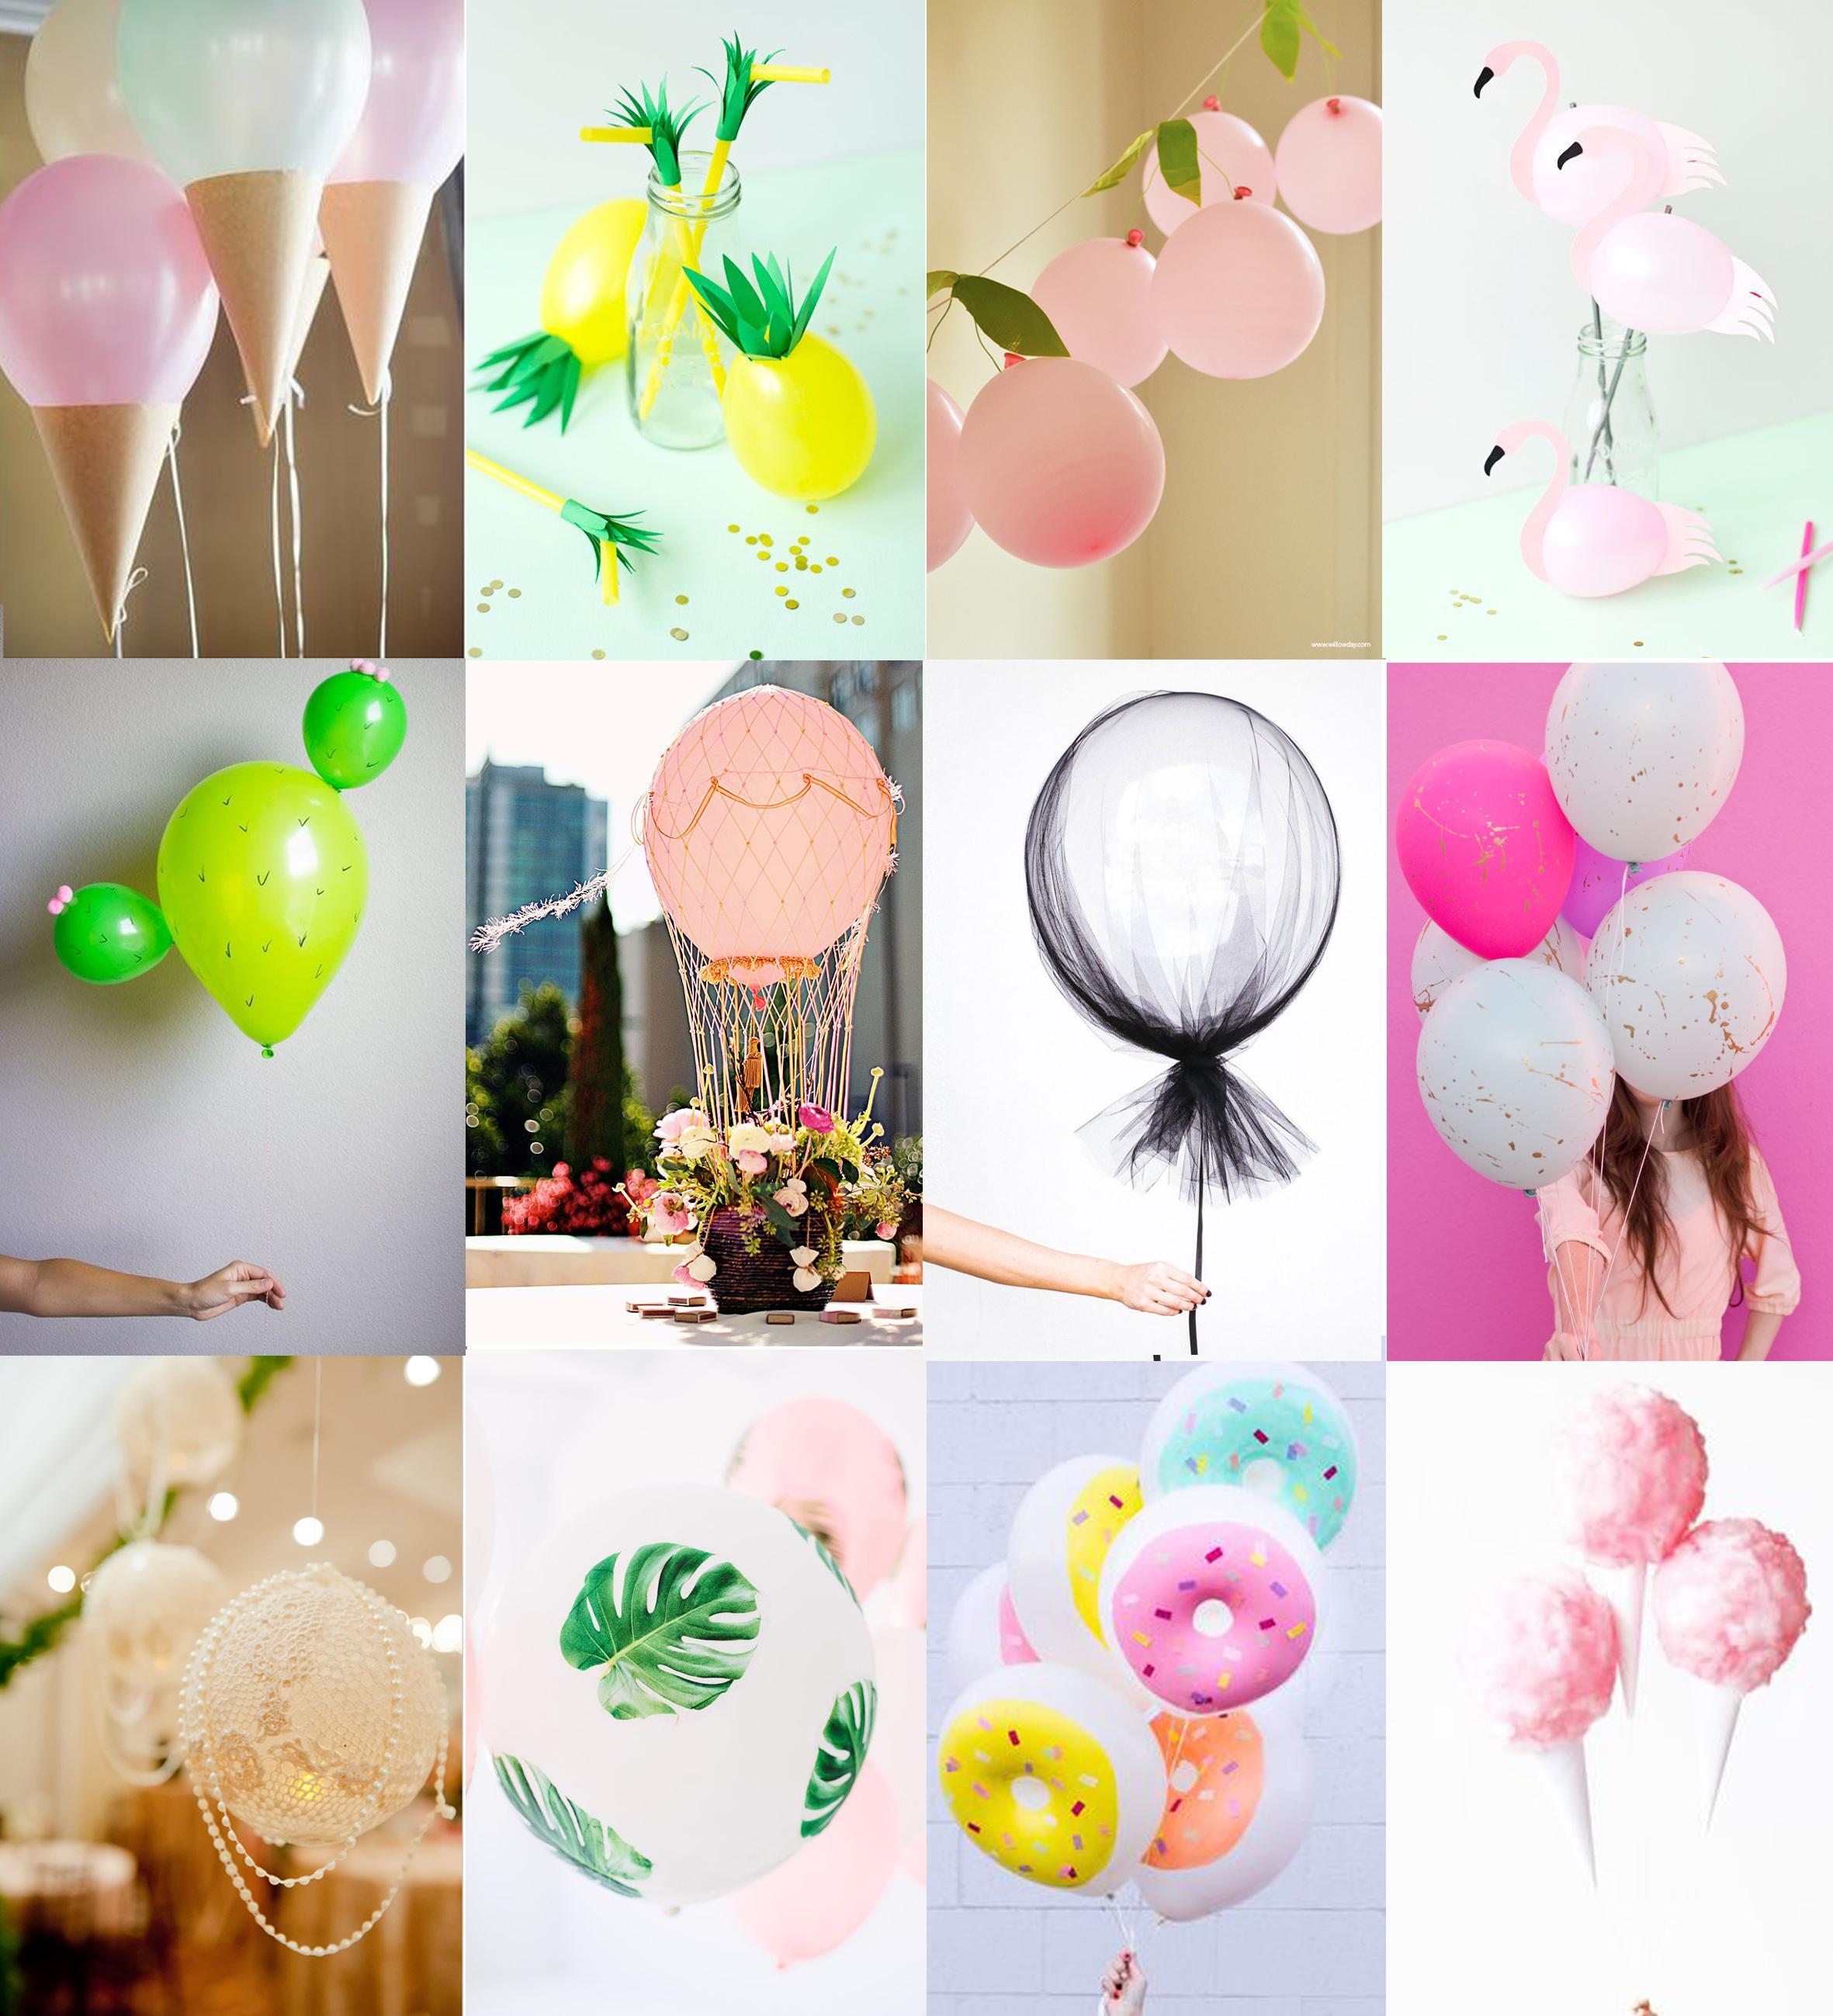 pimp tes ballons rose caramelle carnet d 39 inspiration. Black Bedroom Furniture Sets. Home Design Ideas